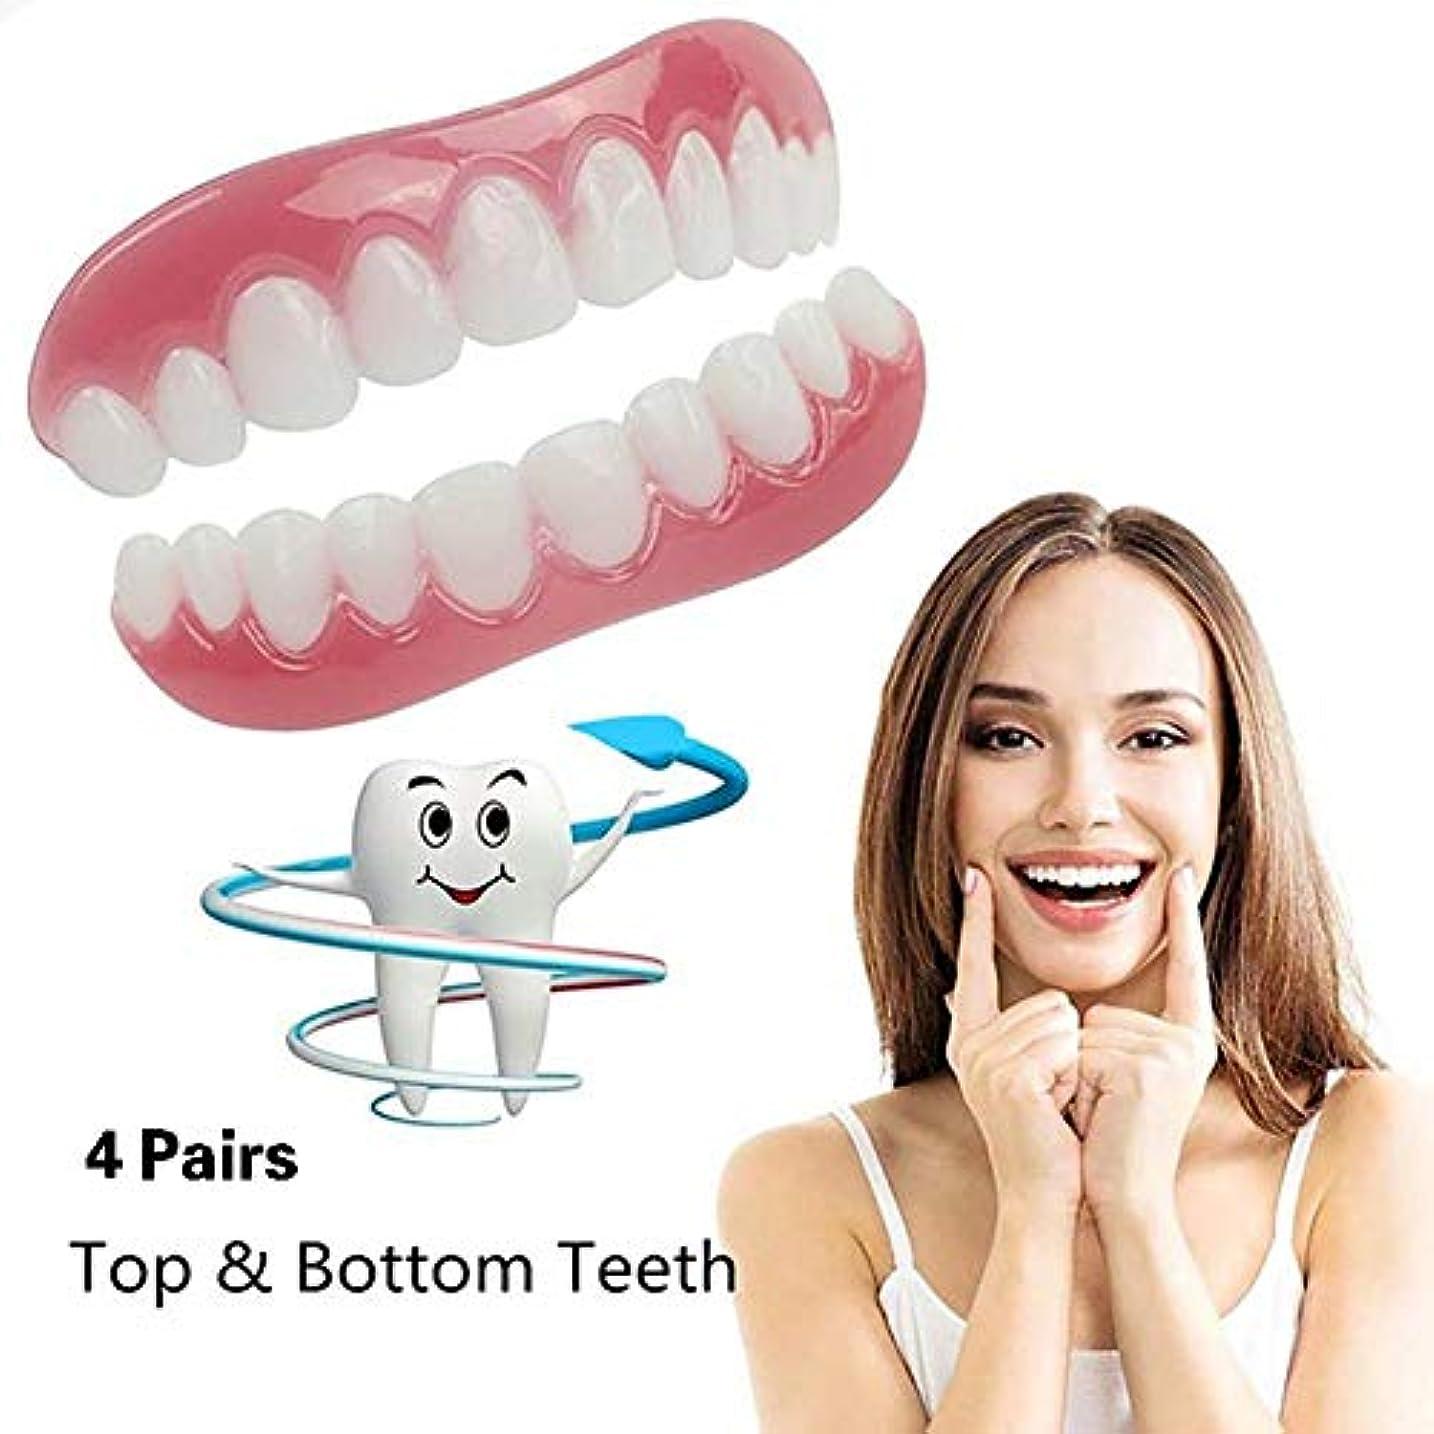 評判解決王室8本のシリコーンの歯のベニヤ化粧品の歯のスナップオンセキュアアッパーローフレックス歯科用ベニヤ義歯ケアホワイトニングパーフェクトトゥースワンサイズフィットすべて